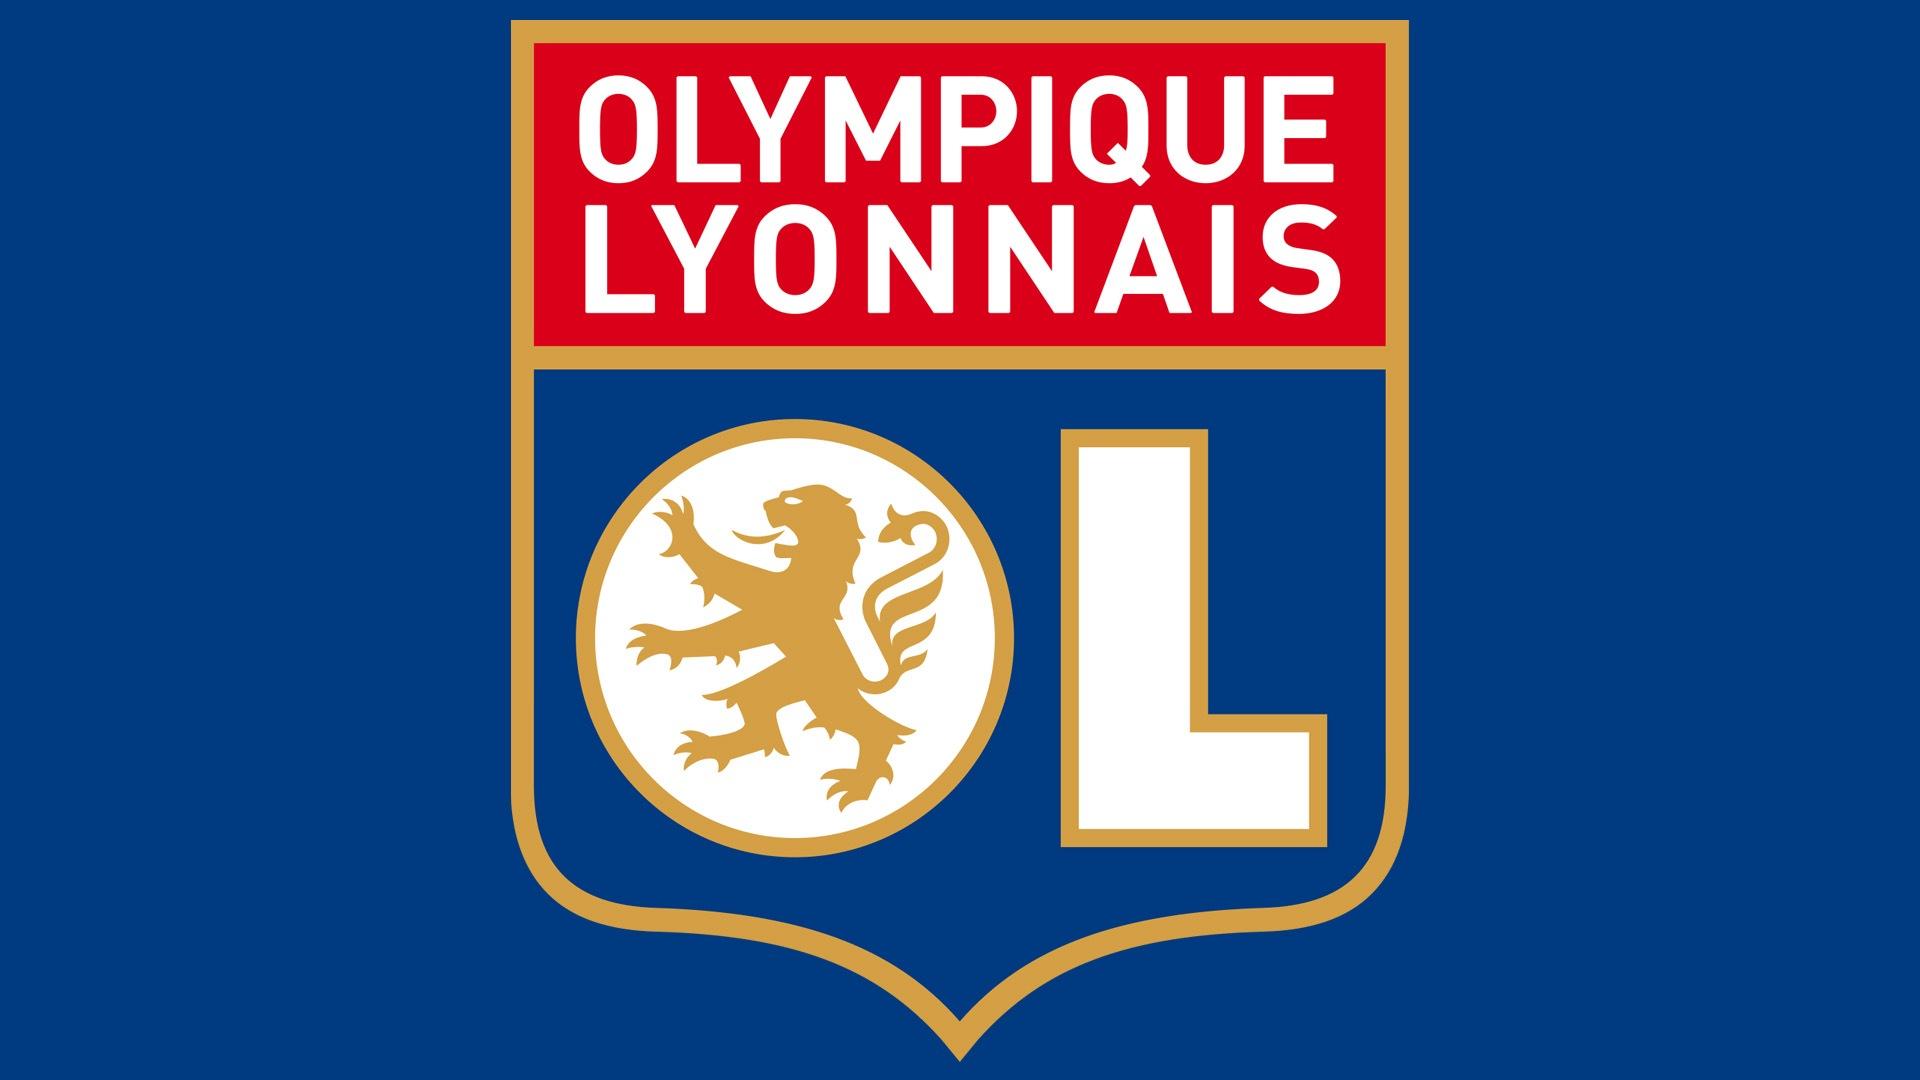 Olympique Lyonnais logo histoire et signification, evolution